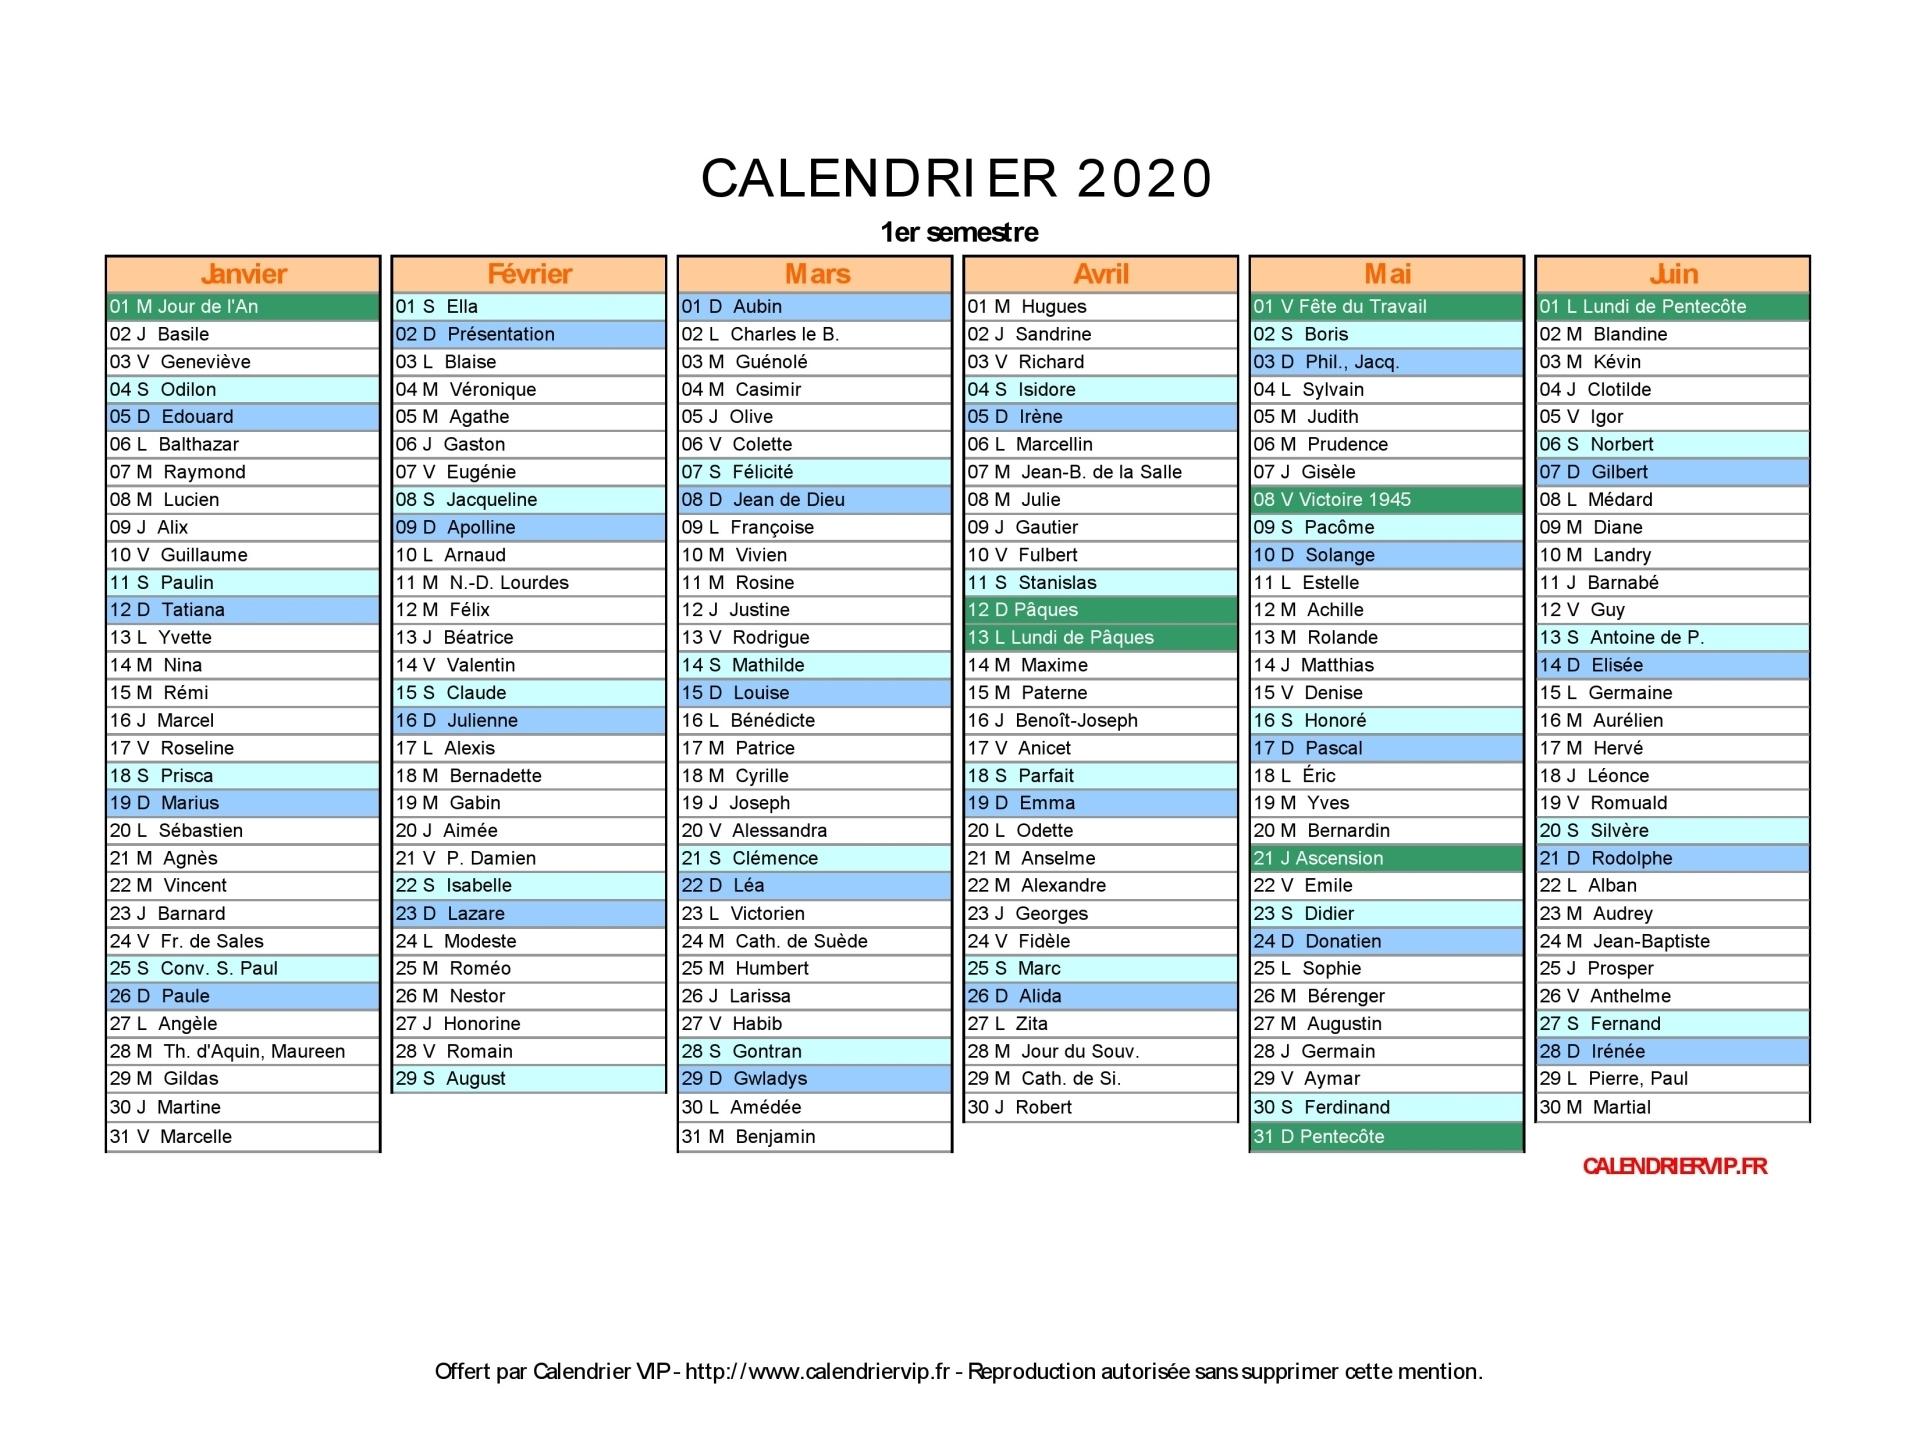 Calendrier 2020 À Imprimer Gratuit En Pdf Et Excel encequiconcerne Calendrier 2018 À Imprimer Pdf